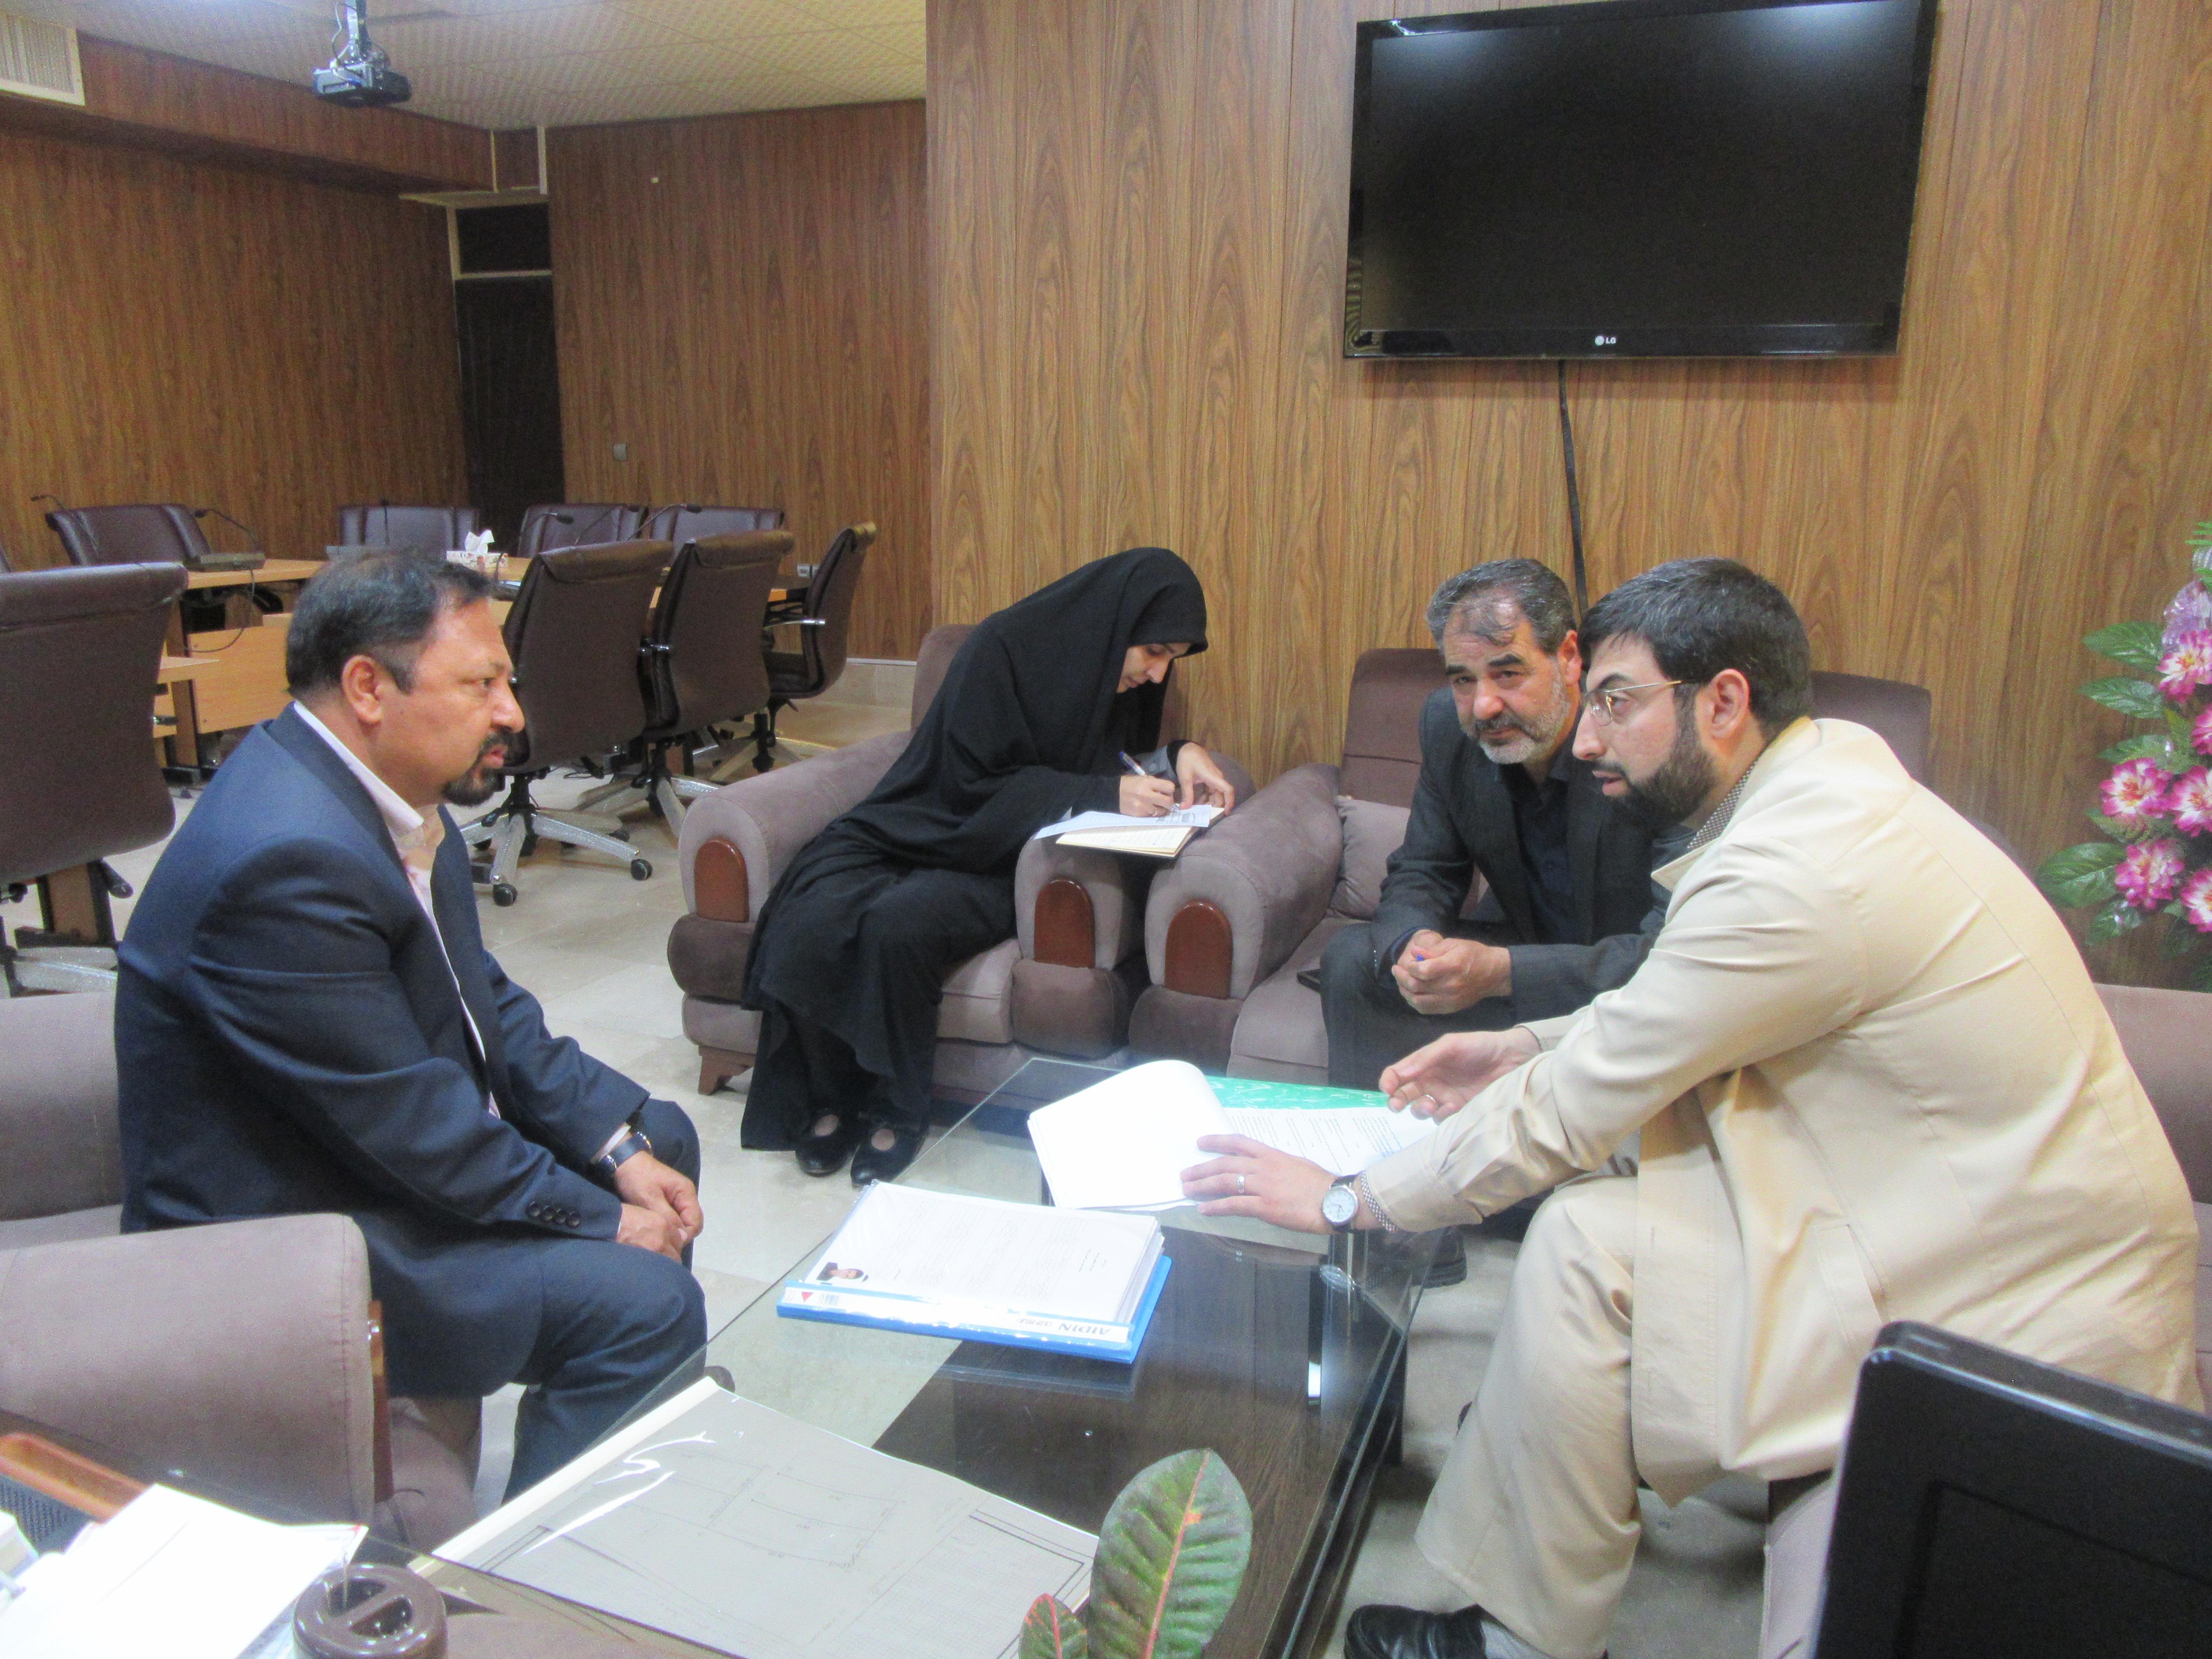 برگزاری جلسه کمیته نظارت بر سازمانهای مردم نهاد